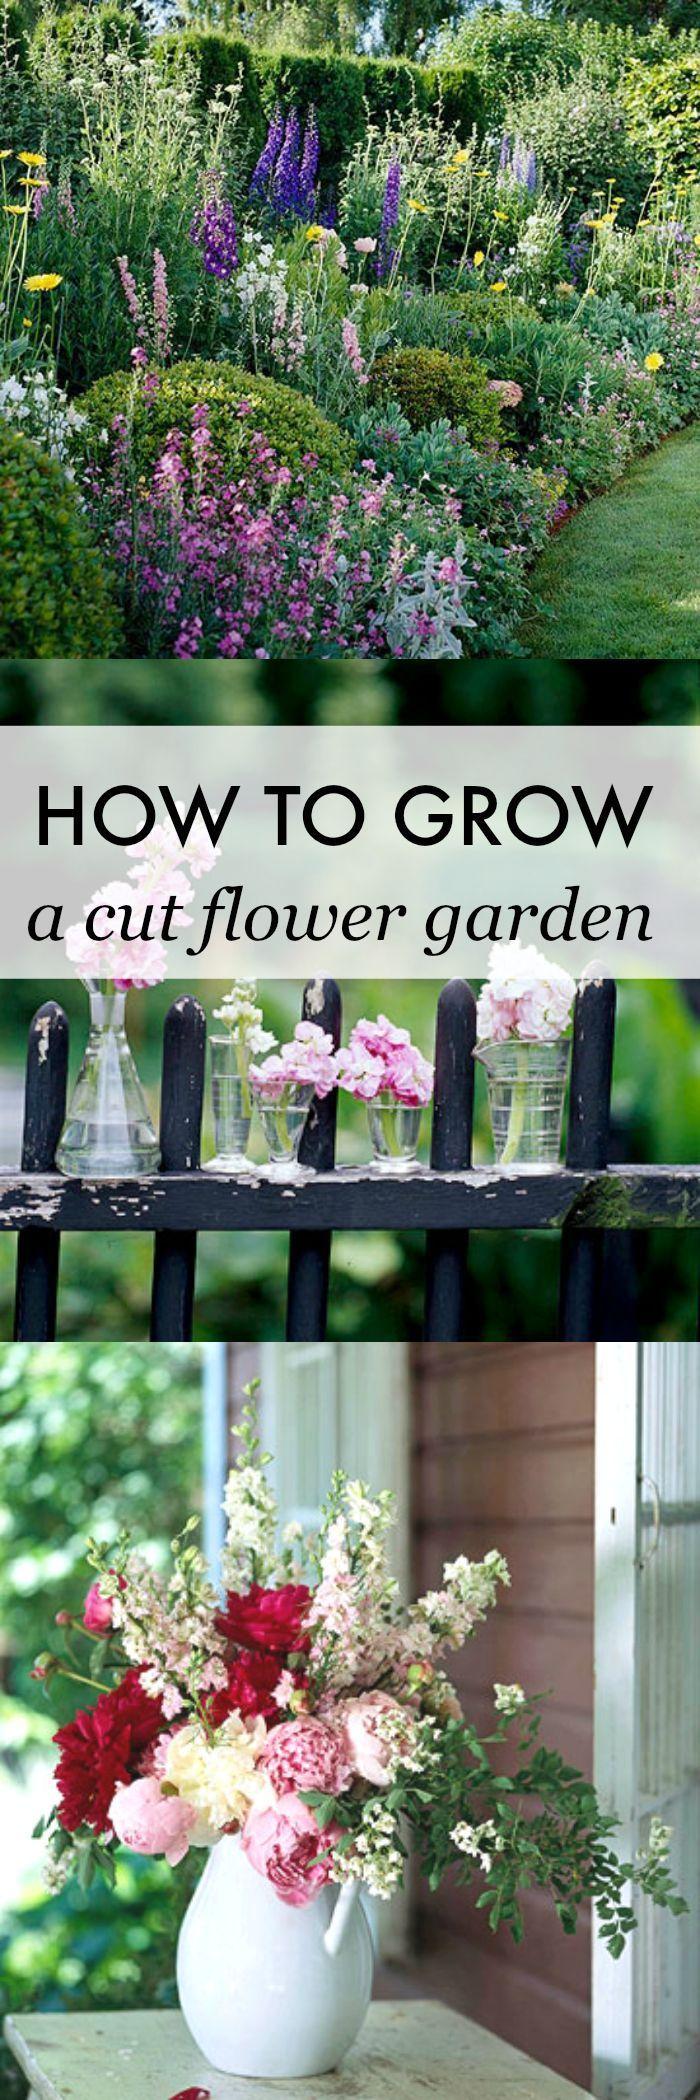 How To Grow A Cut Flower Garden Gardens Beautiful and Summer